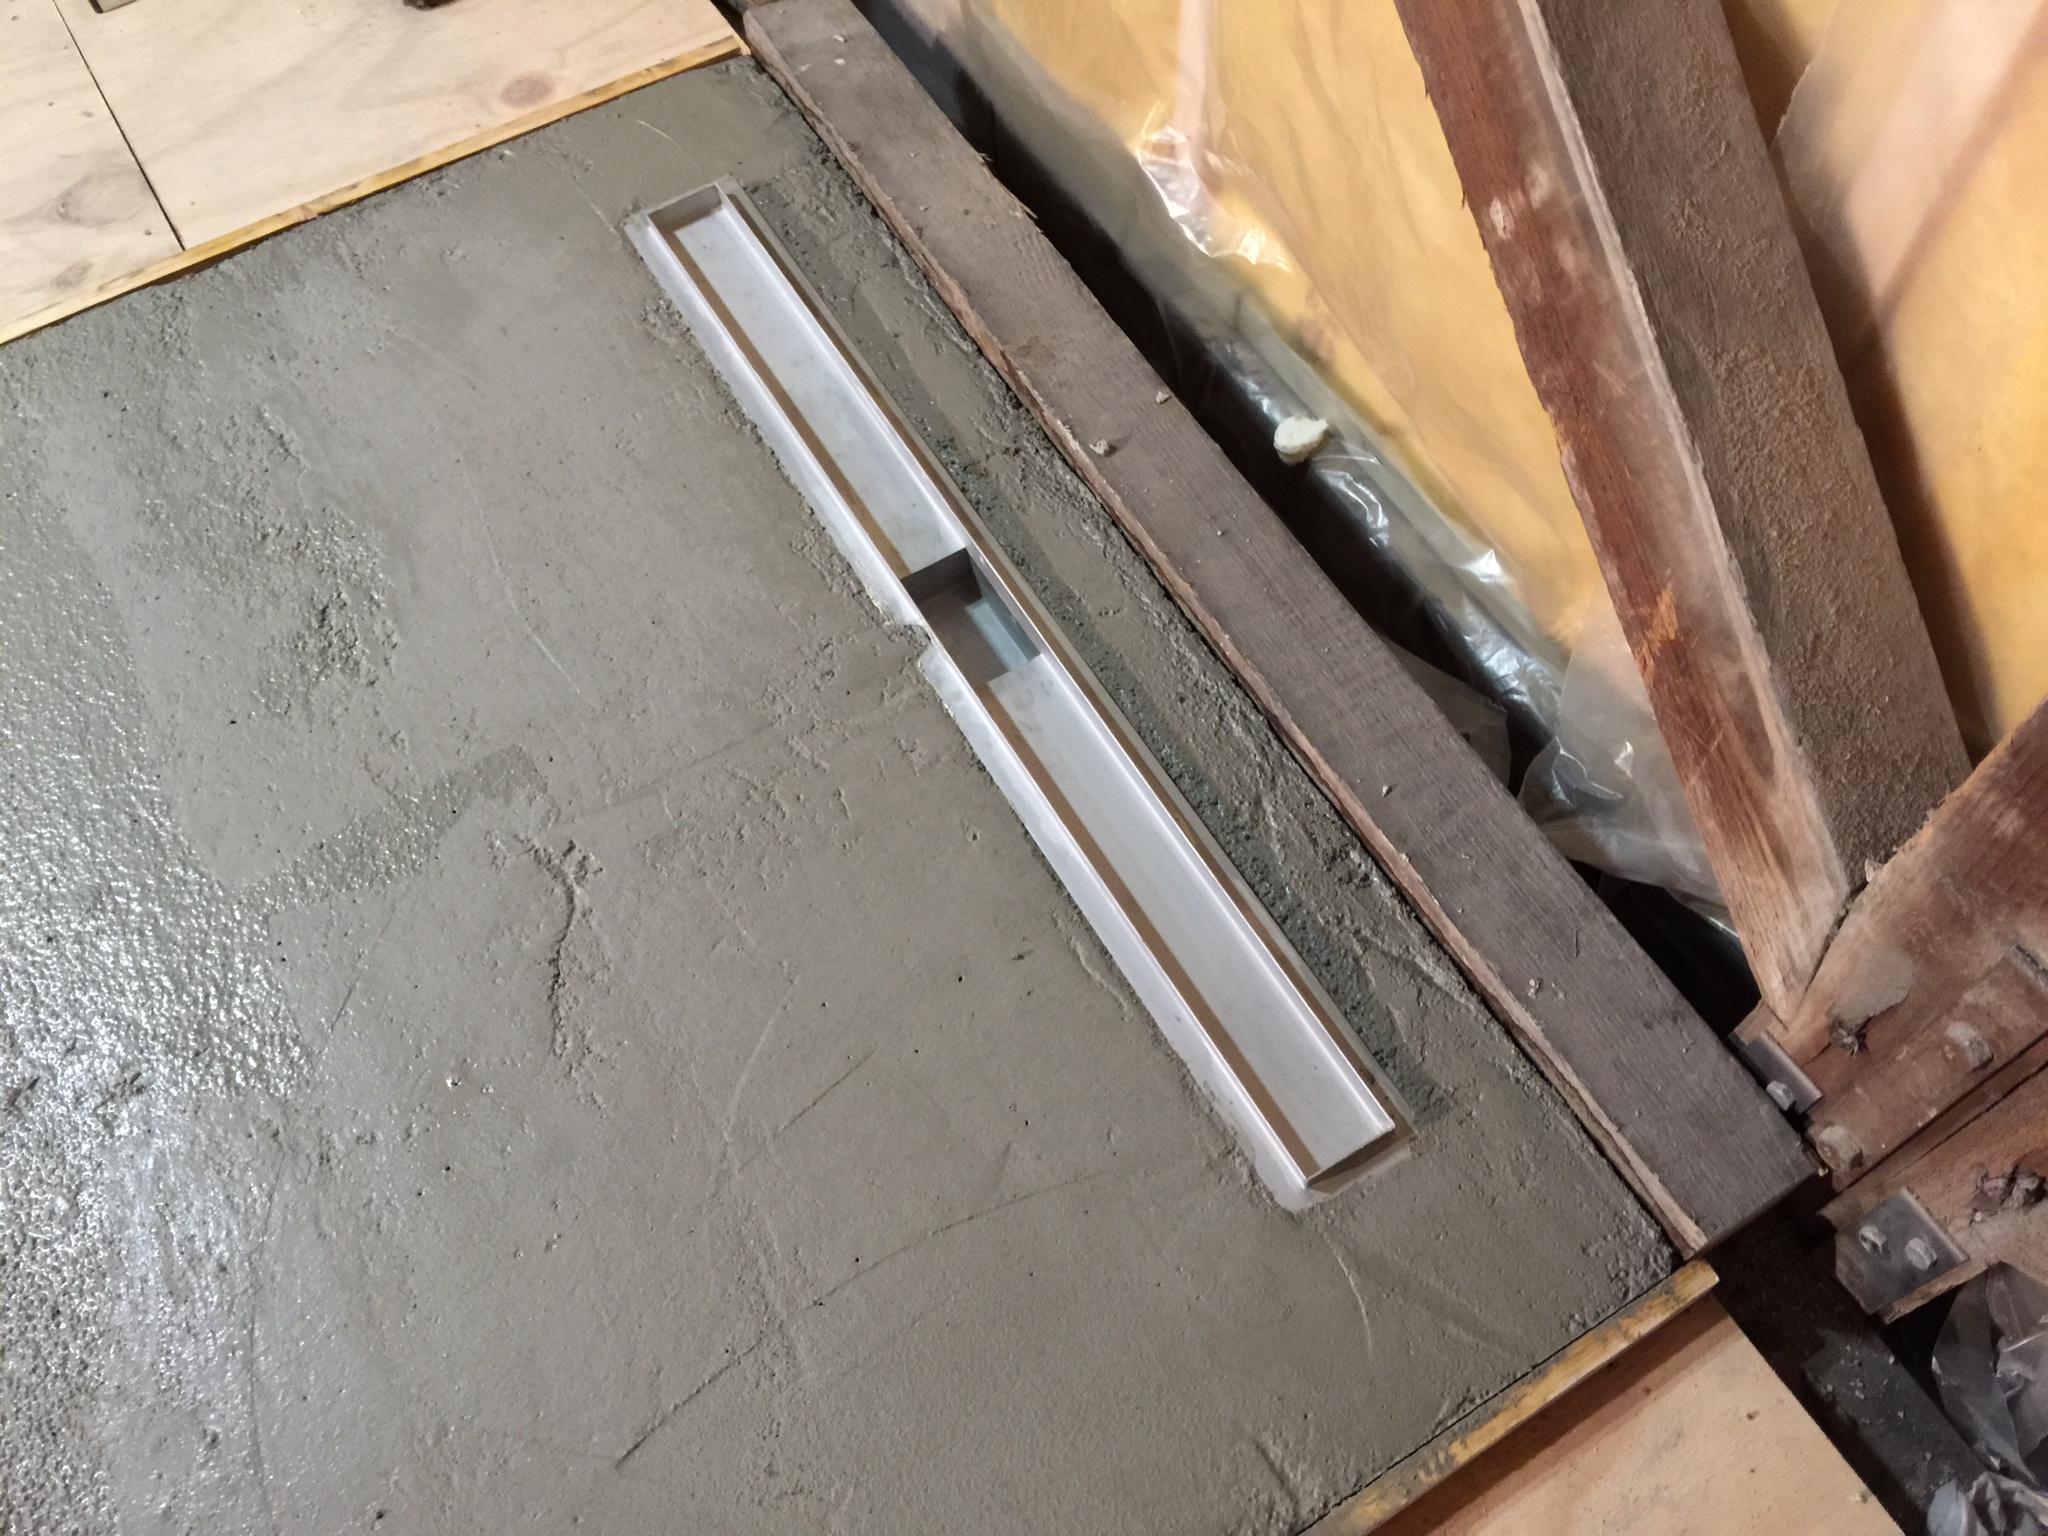 Badkamer Vloer Beton : Badkamervloer in beton gegoten met zwaluwstaartplaten duinstraat 10